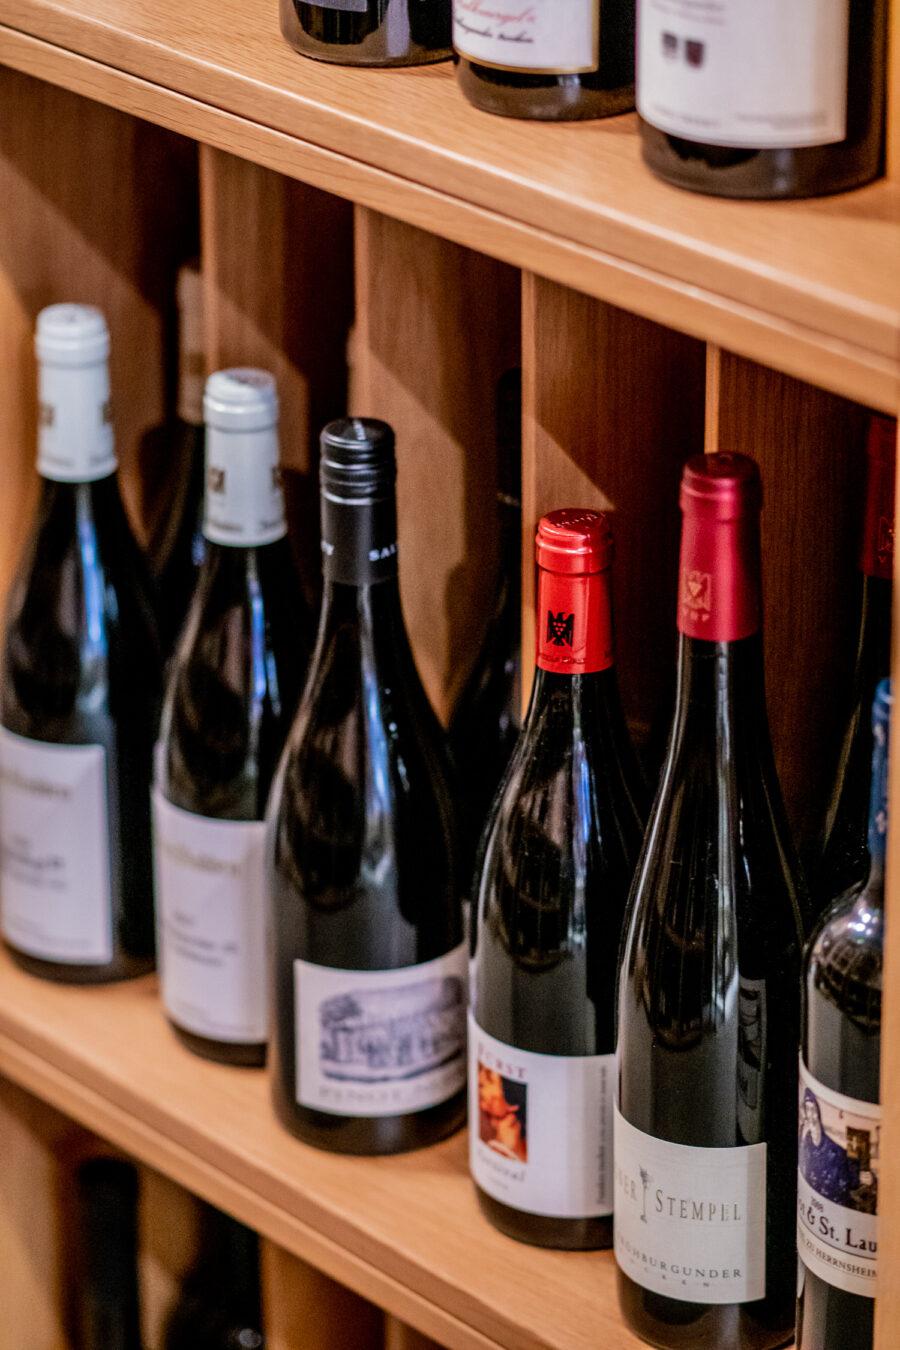 Welcher Wein aus dem Weinkeller des Hotel Kloster Hornbach darf es sein?